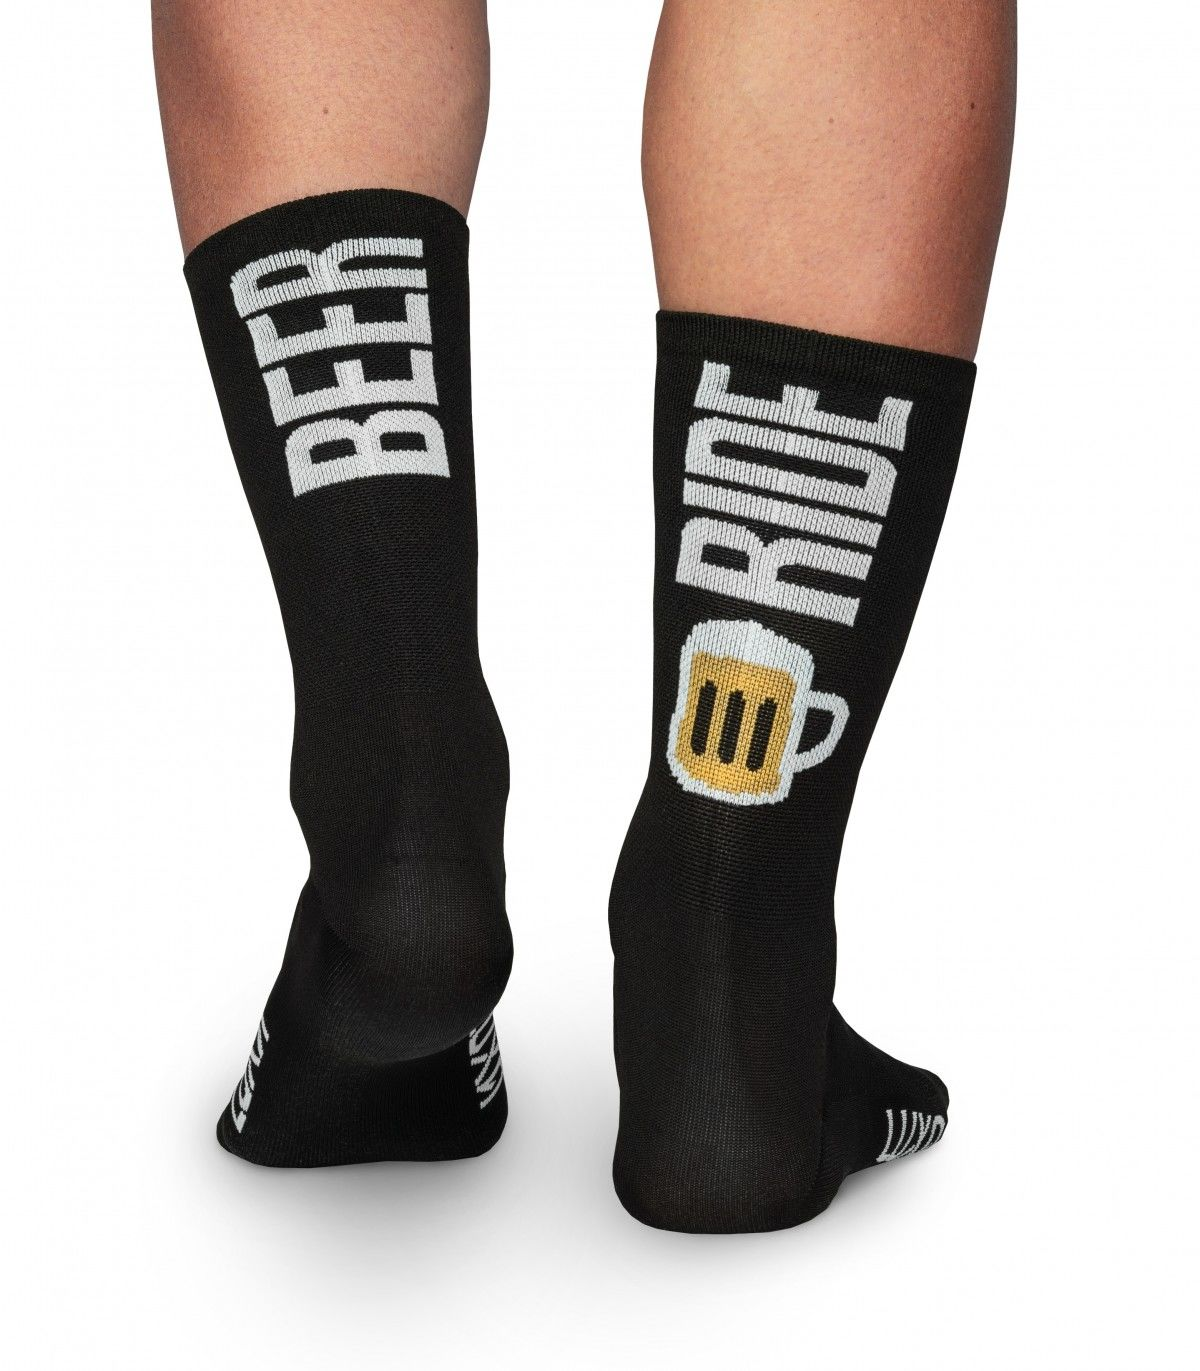 Profesjonalne skarpety kolarskie BEER RIDE - wysokie, czarne